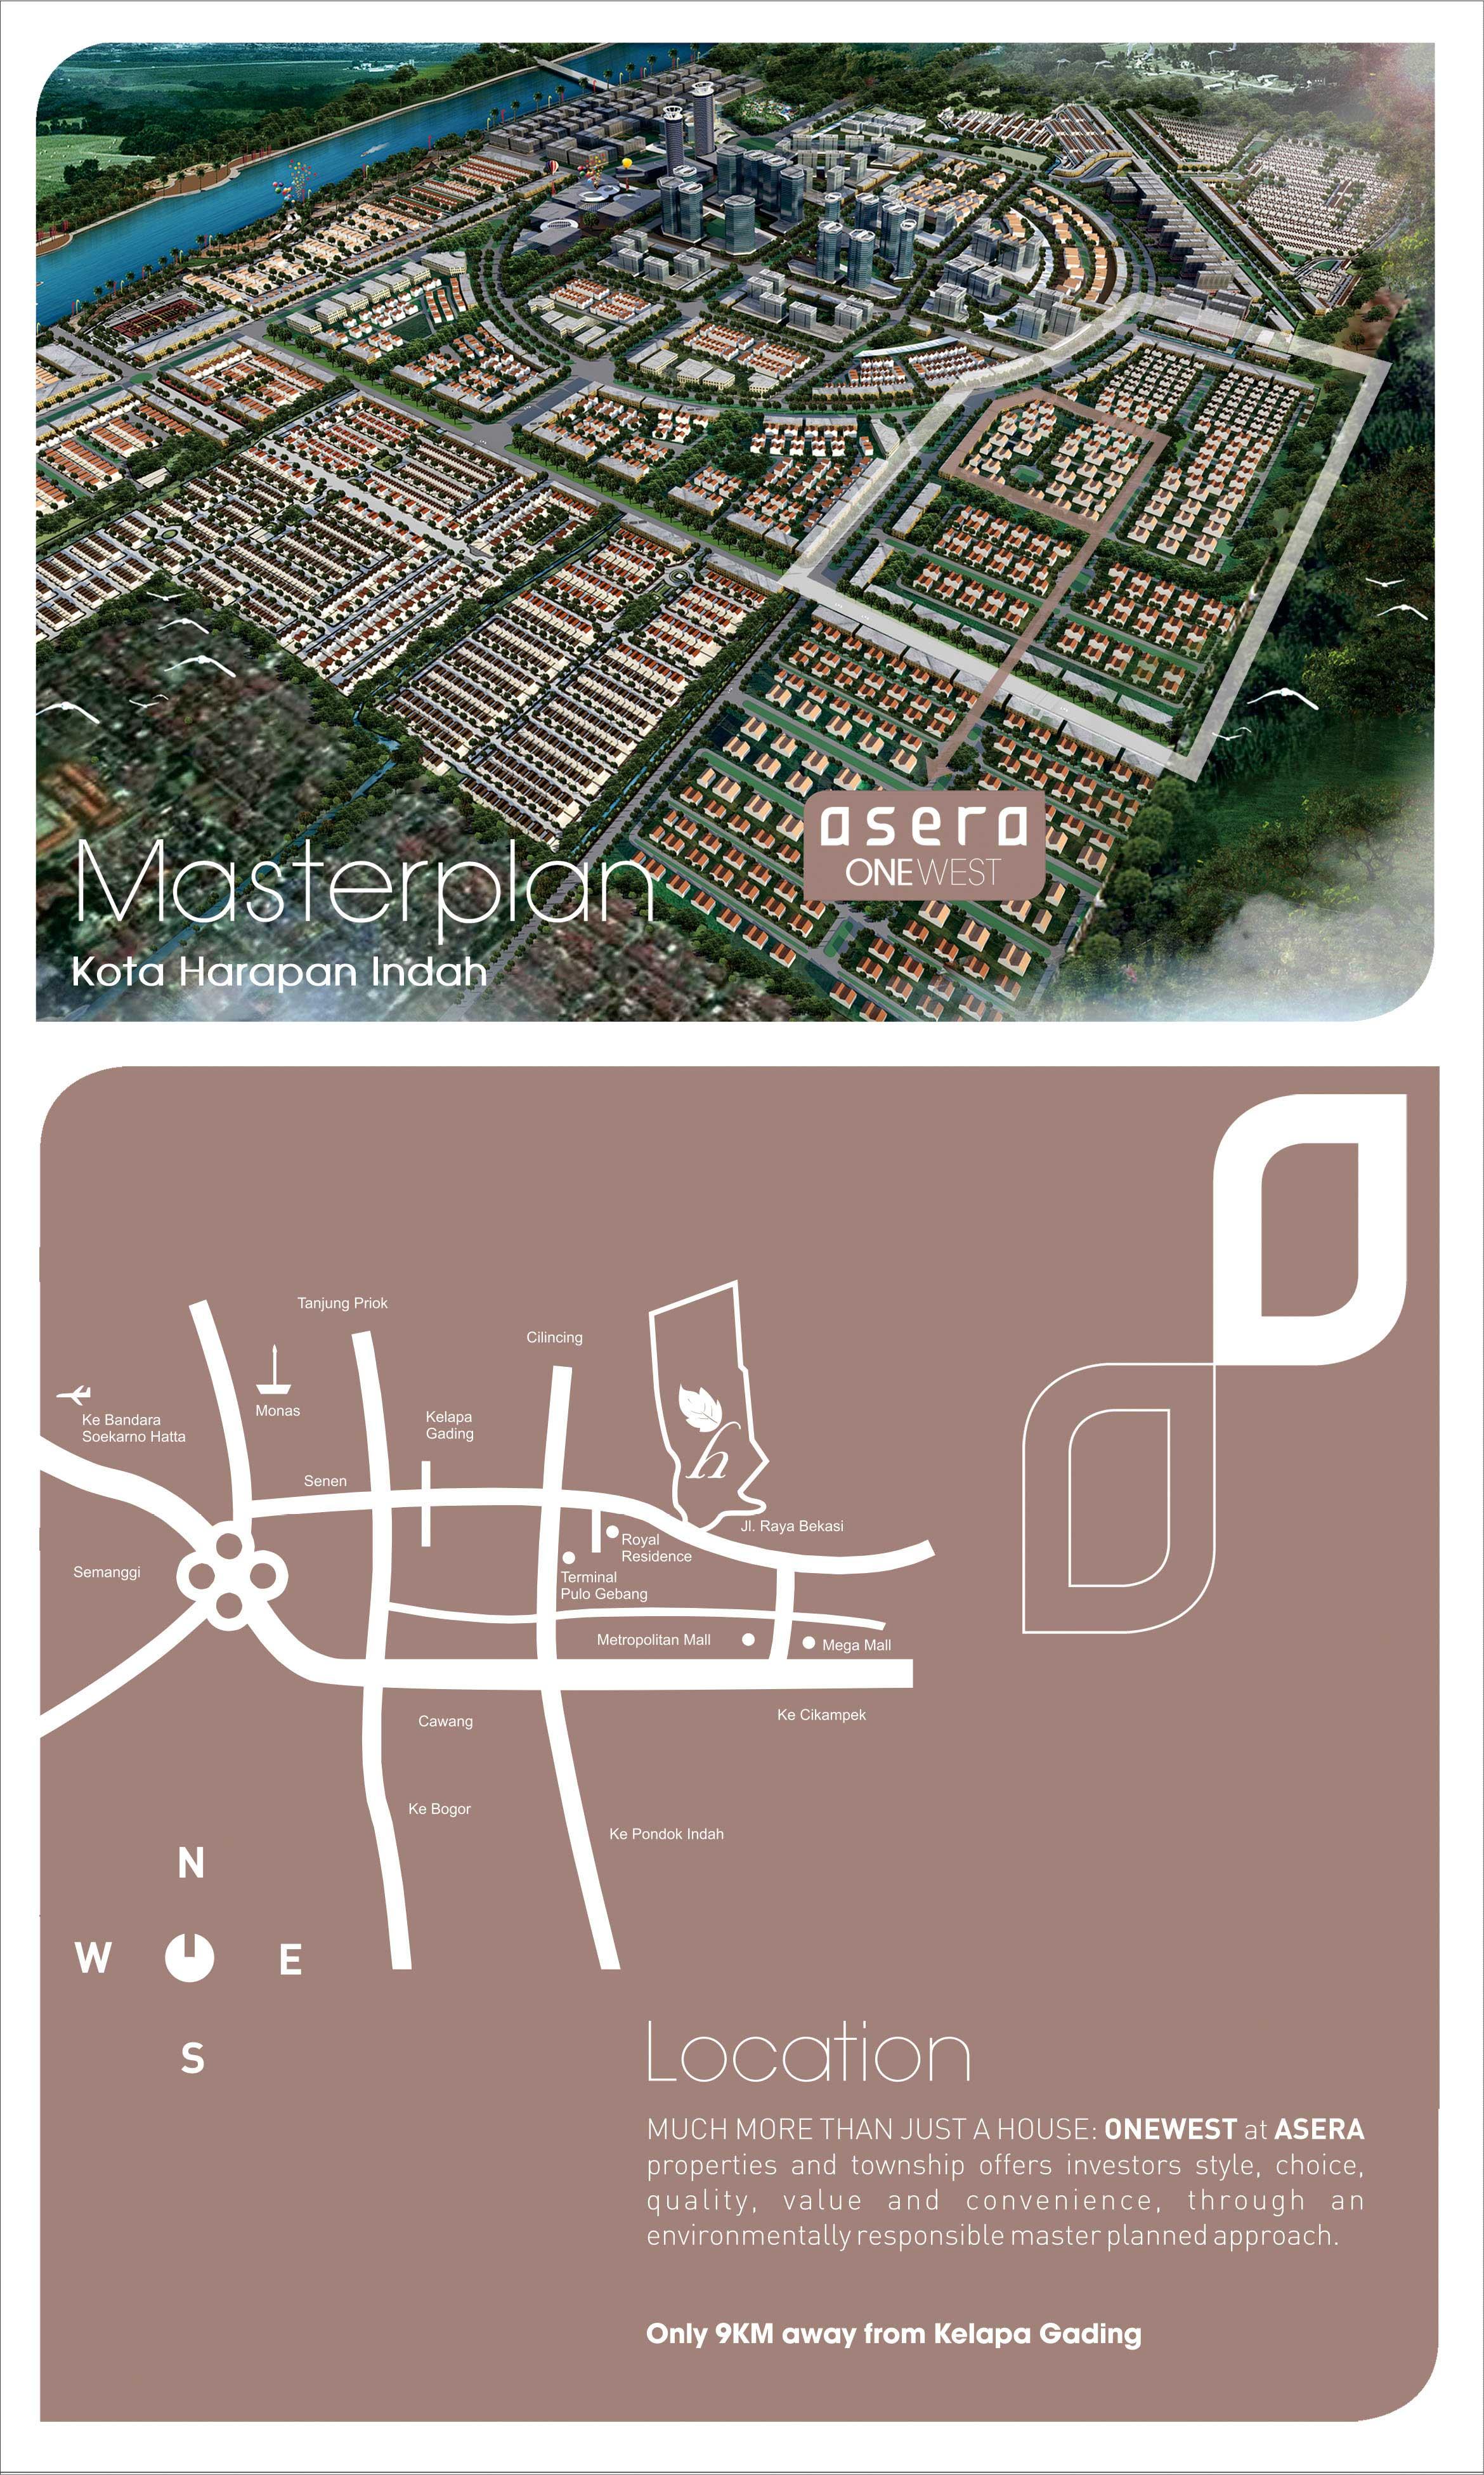 masterplan---lokasi